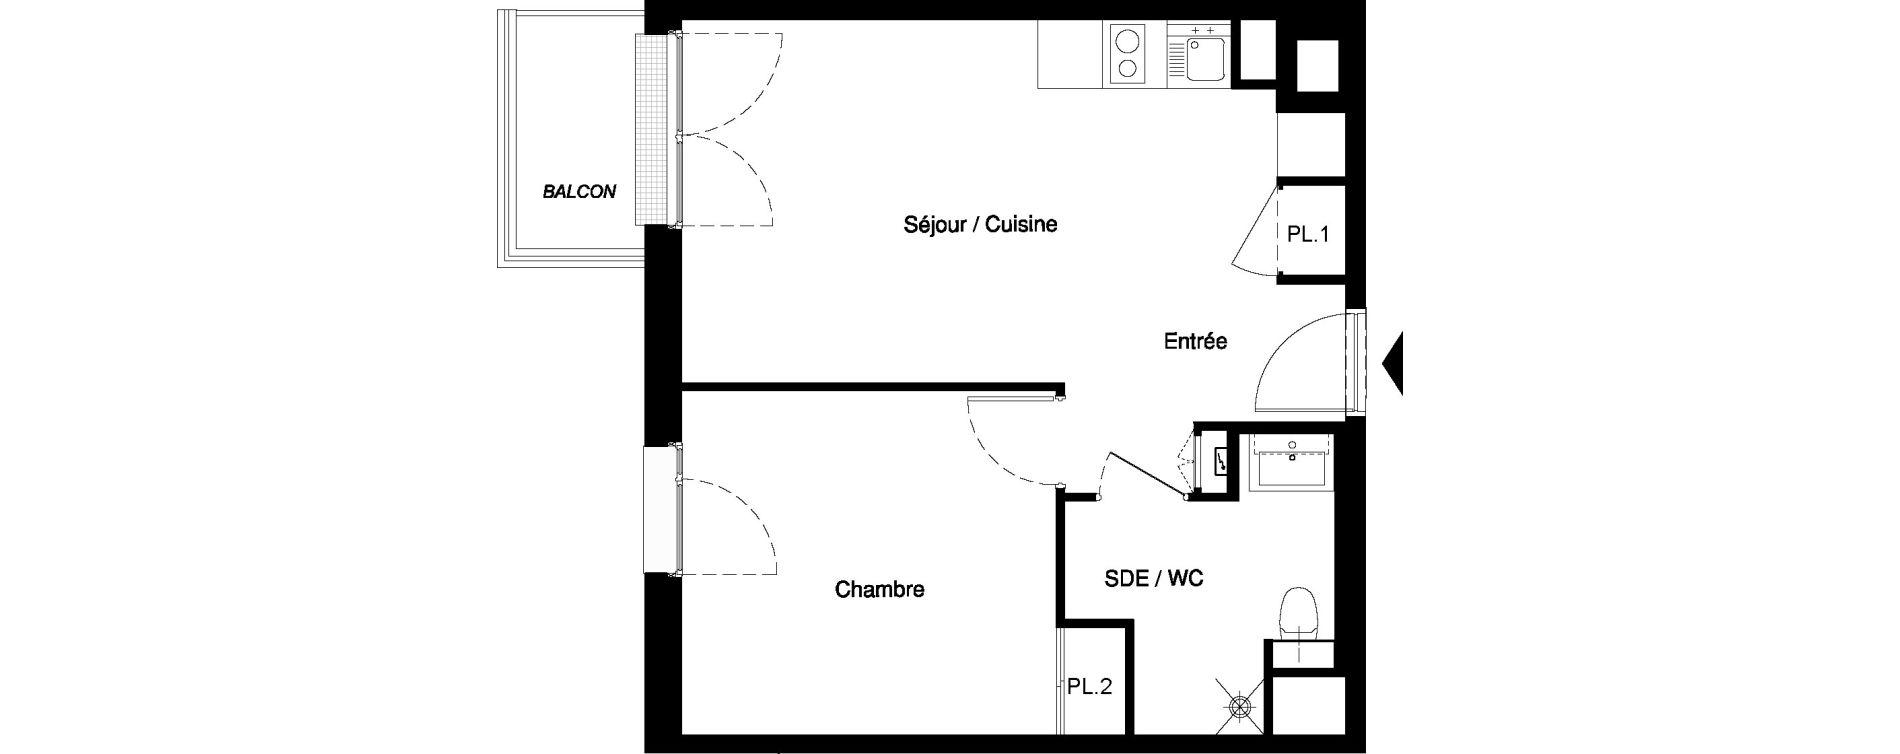 Appartement T2 meublé de 39,48 m2 à Nancy Rives de meurthe